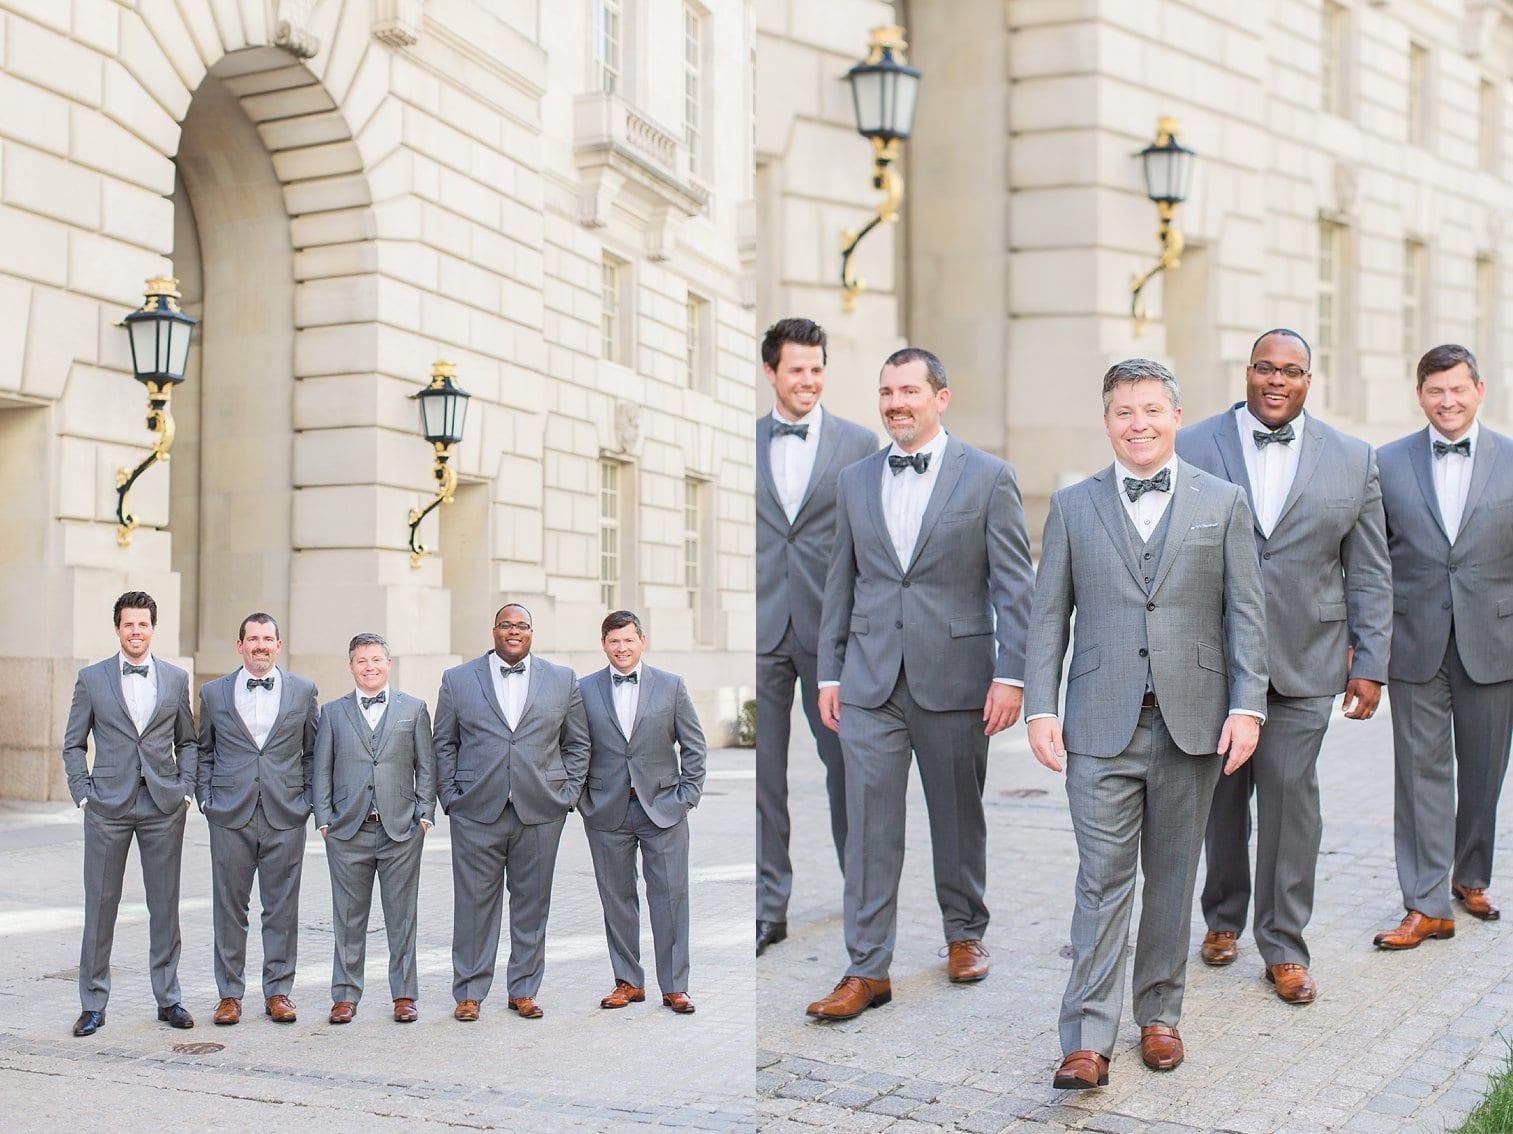 Ronald Reagan Building Wedding Washington DC Wedding Photographer Ashley & Brett-456.jpg